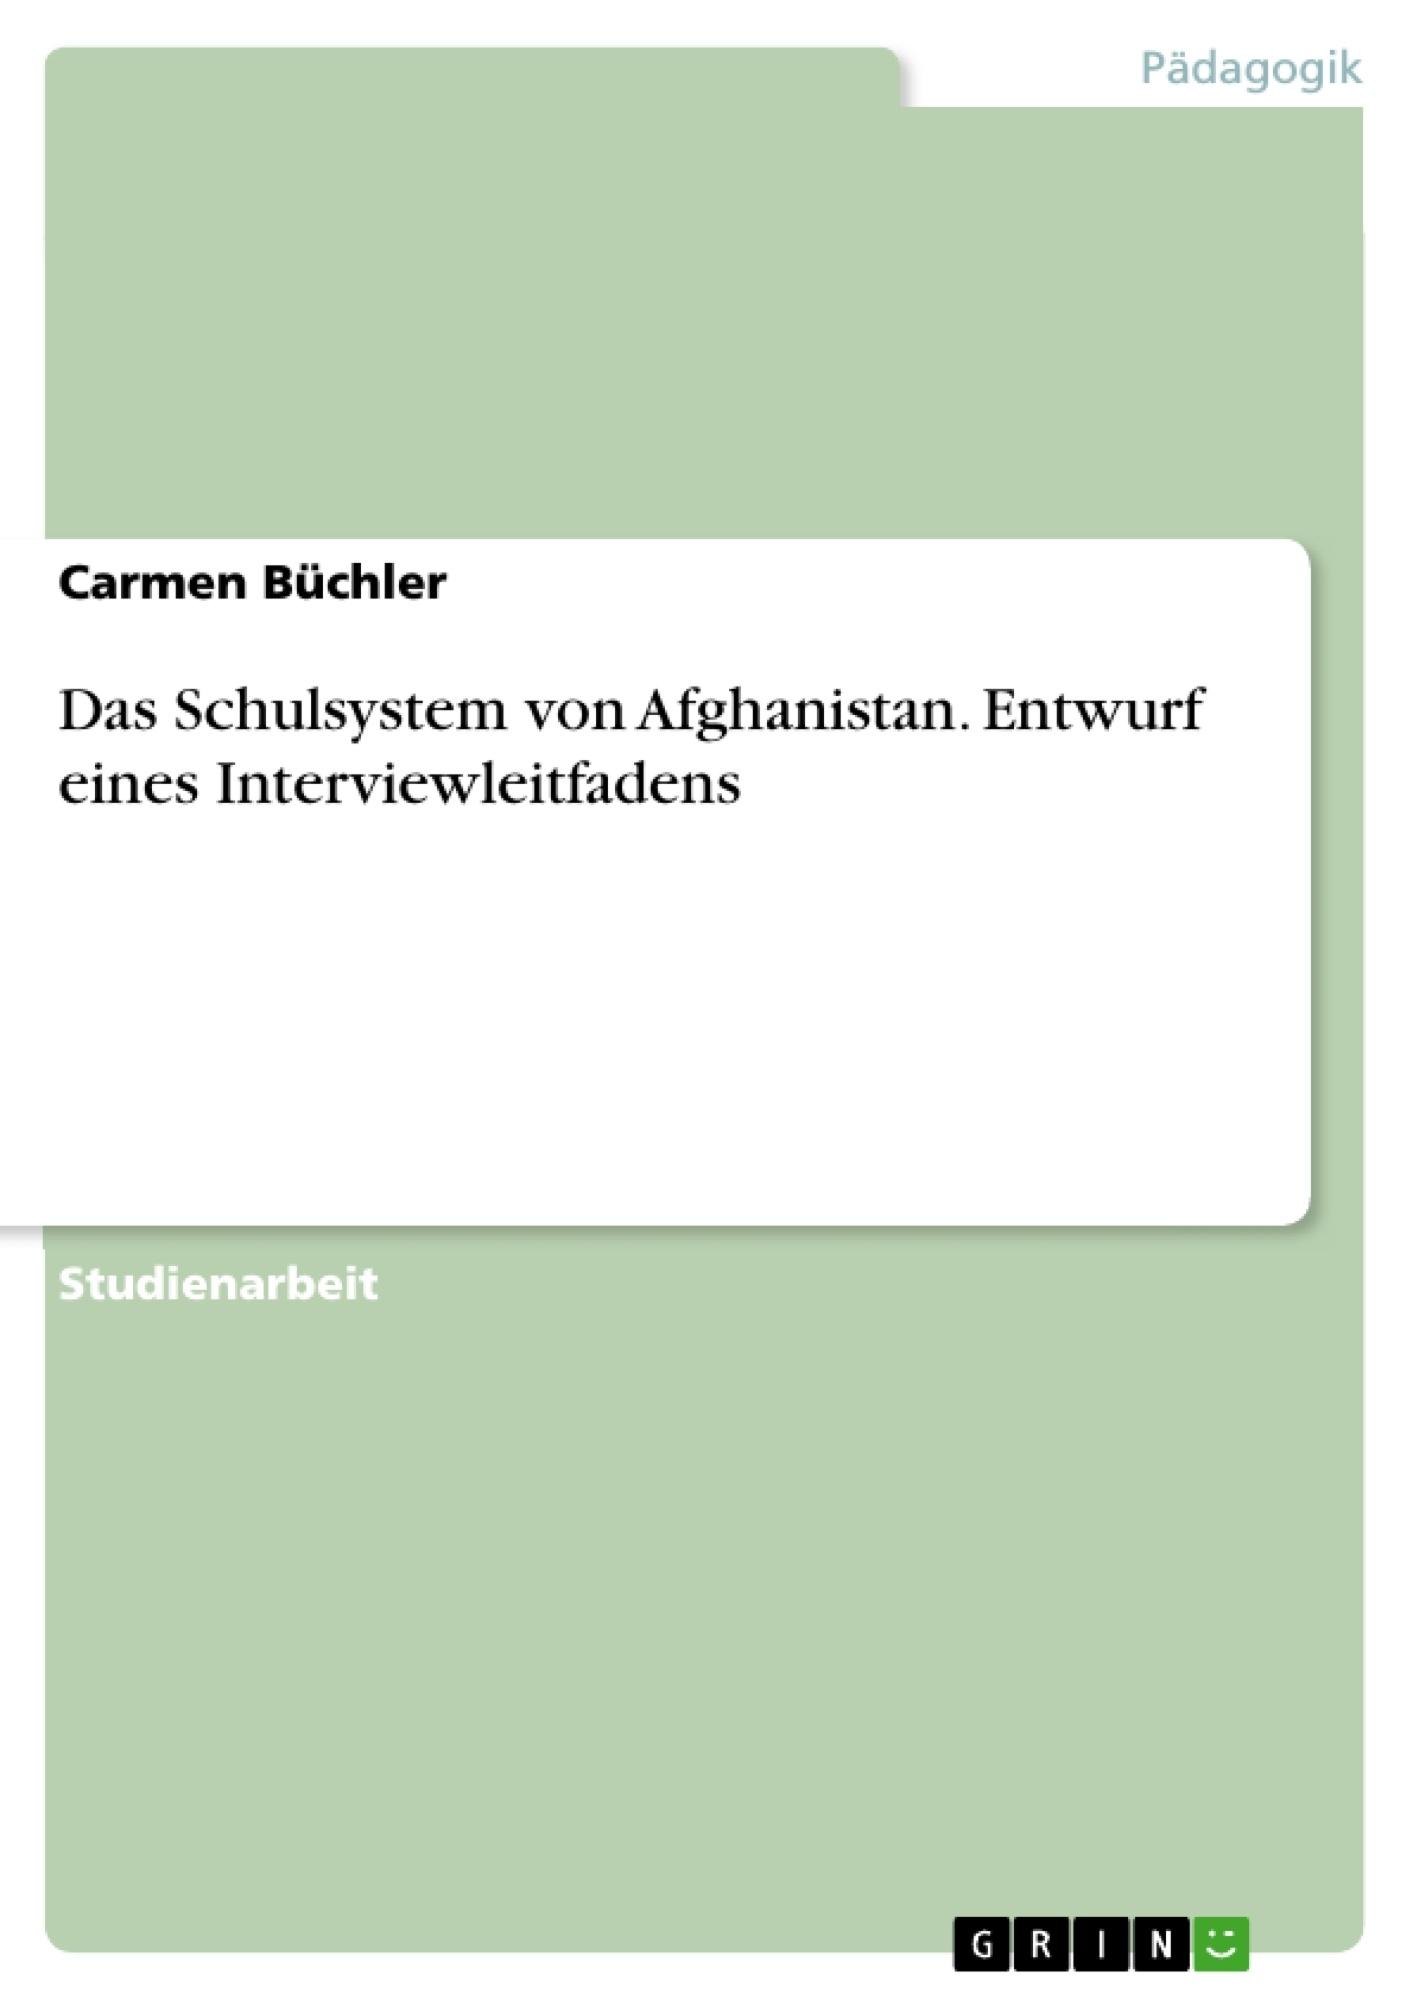 Titel: Das Schulsystem von Afghanistan. Entwurf eines Interviewleitfadens